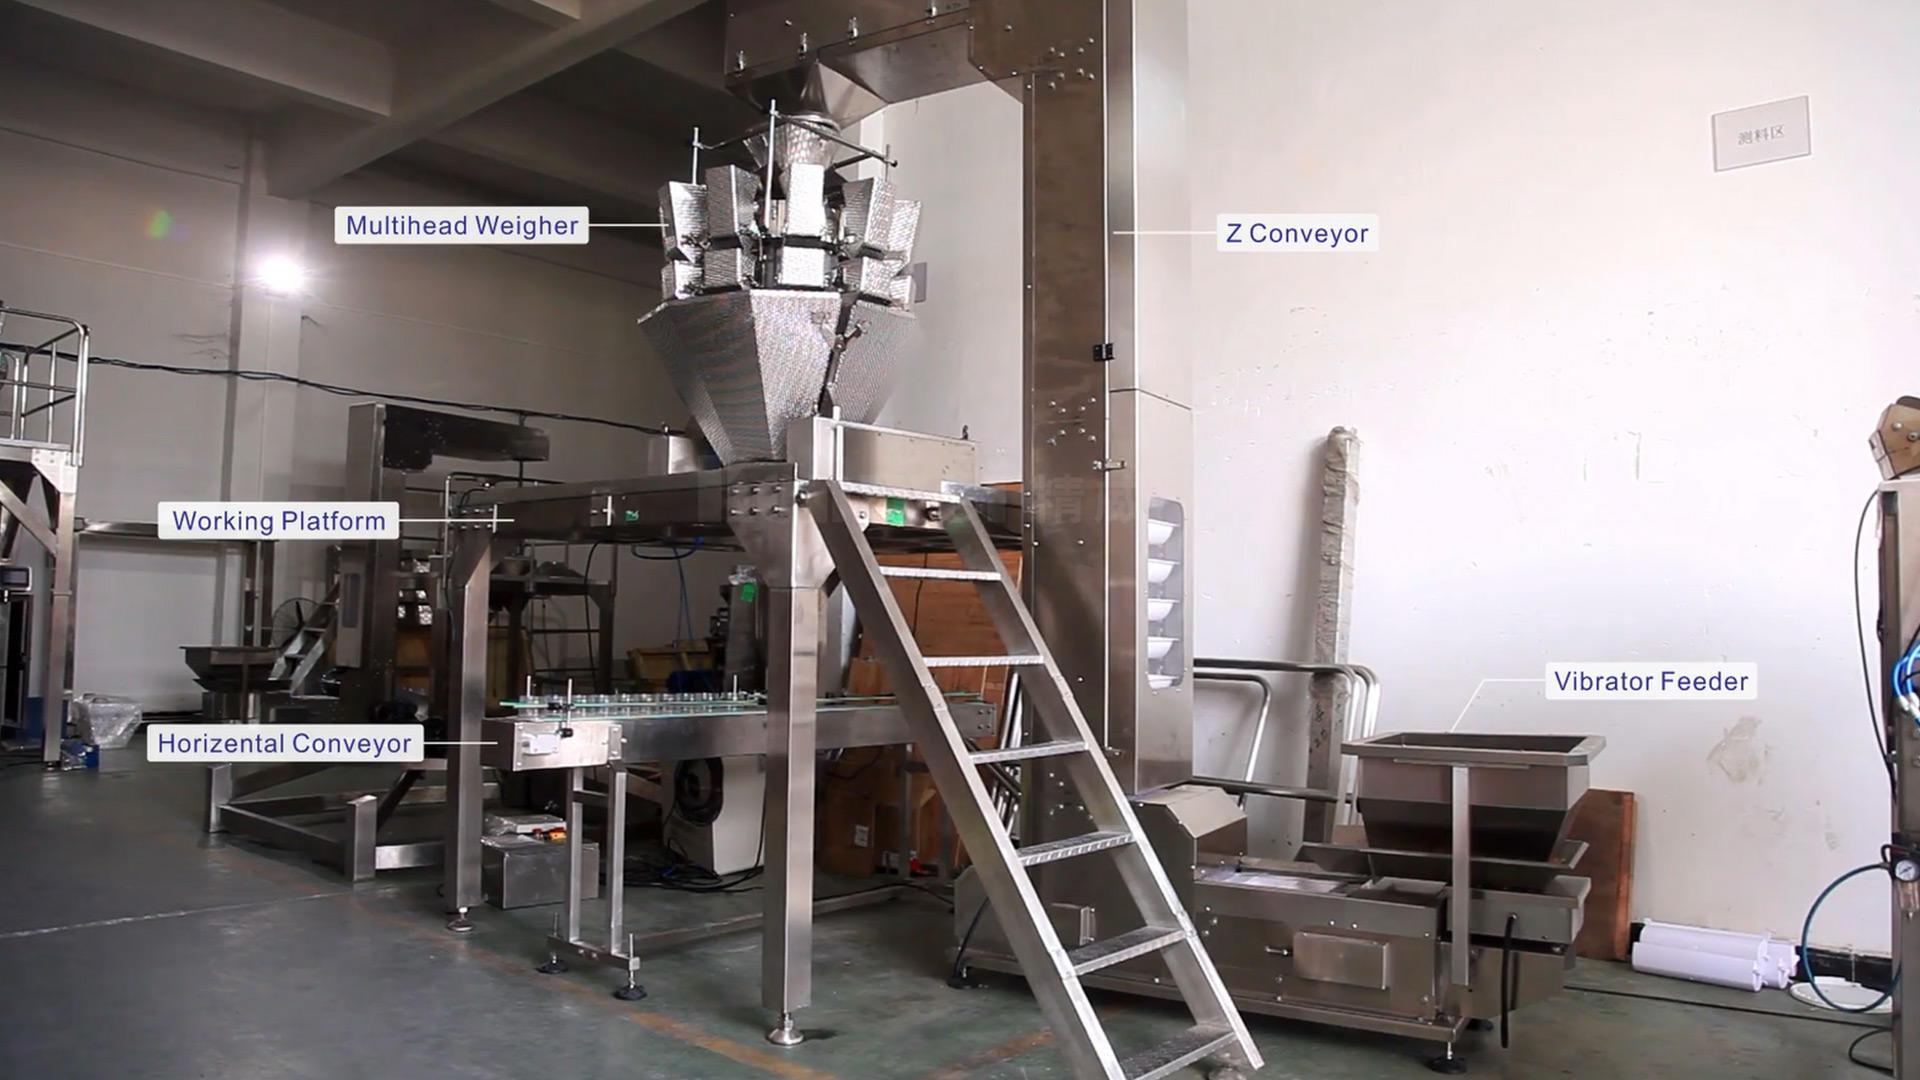 Pesage à fonctionnement automatique machine d'emballage pour la gelée gouttes 10 tête fromage multihead peseur équipement de rem